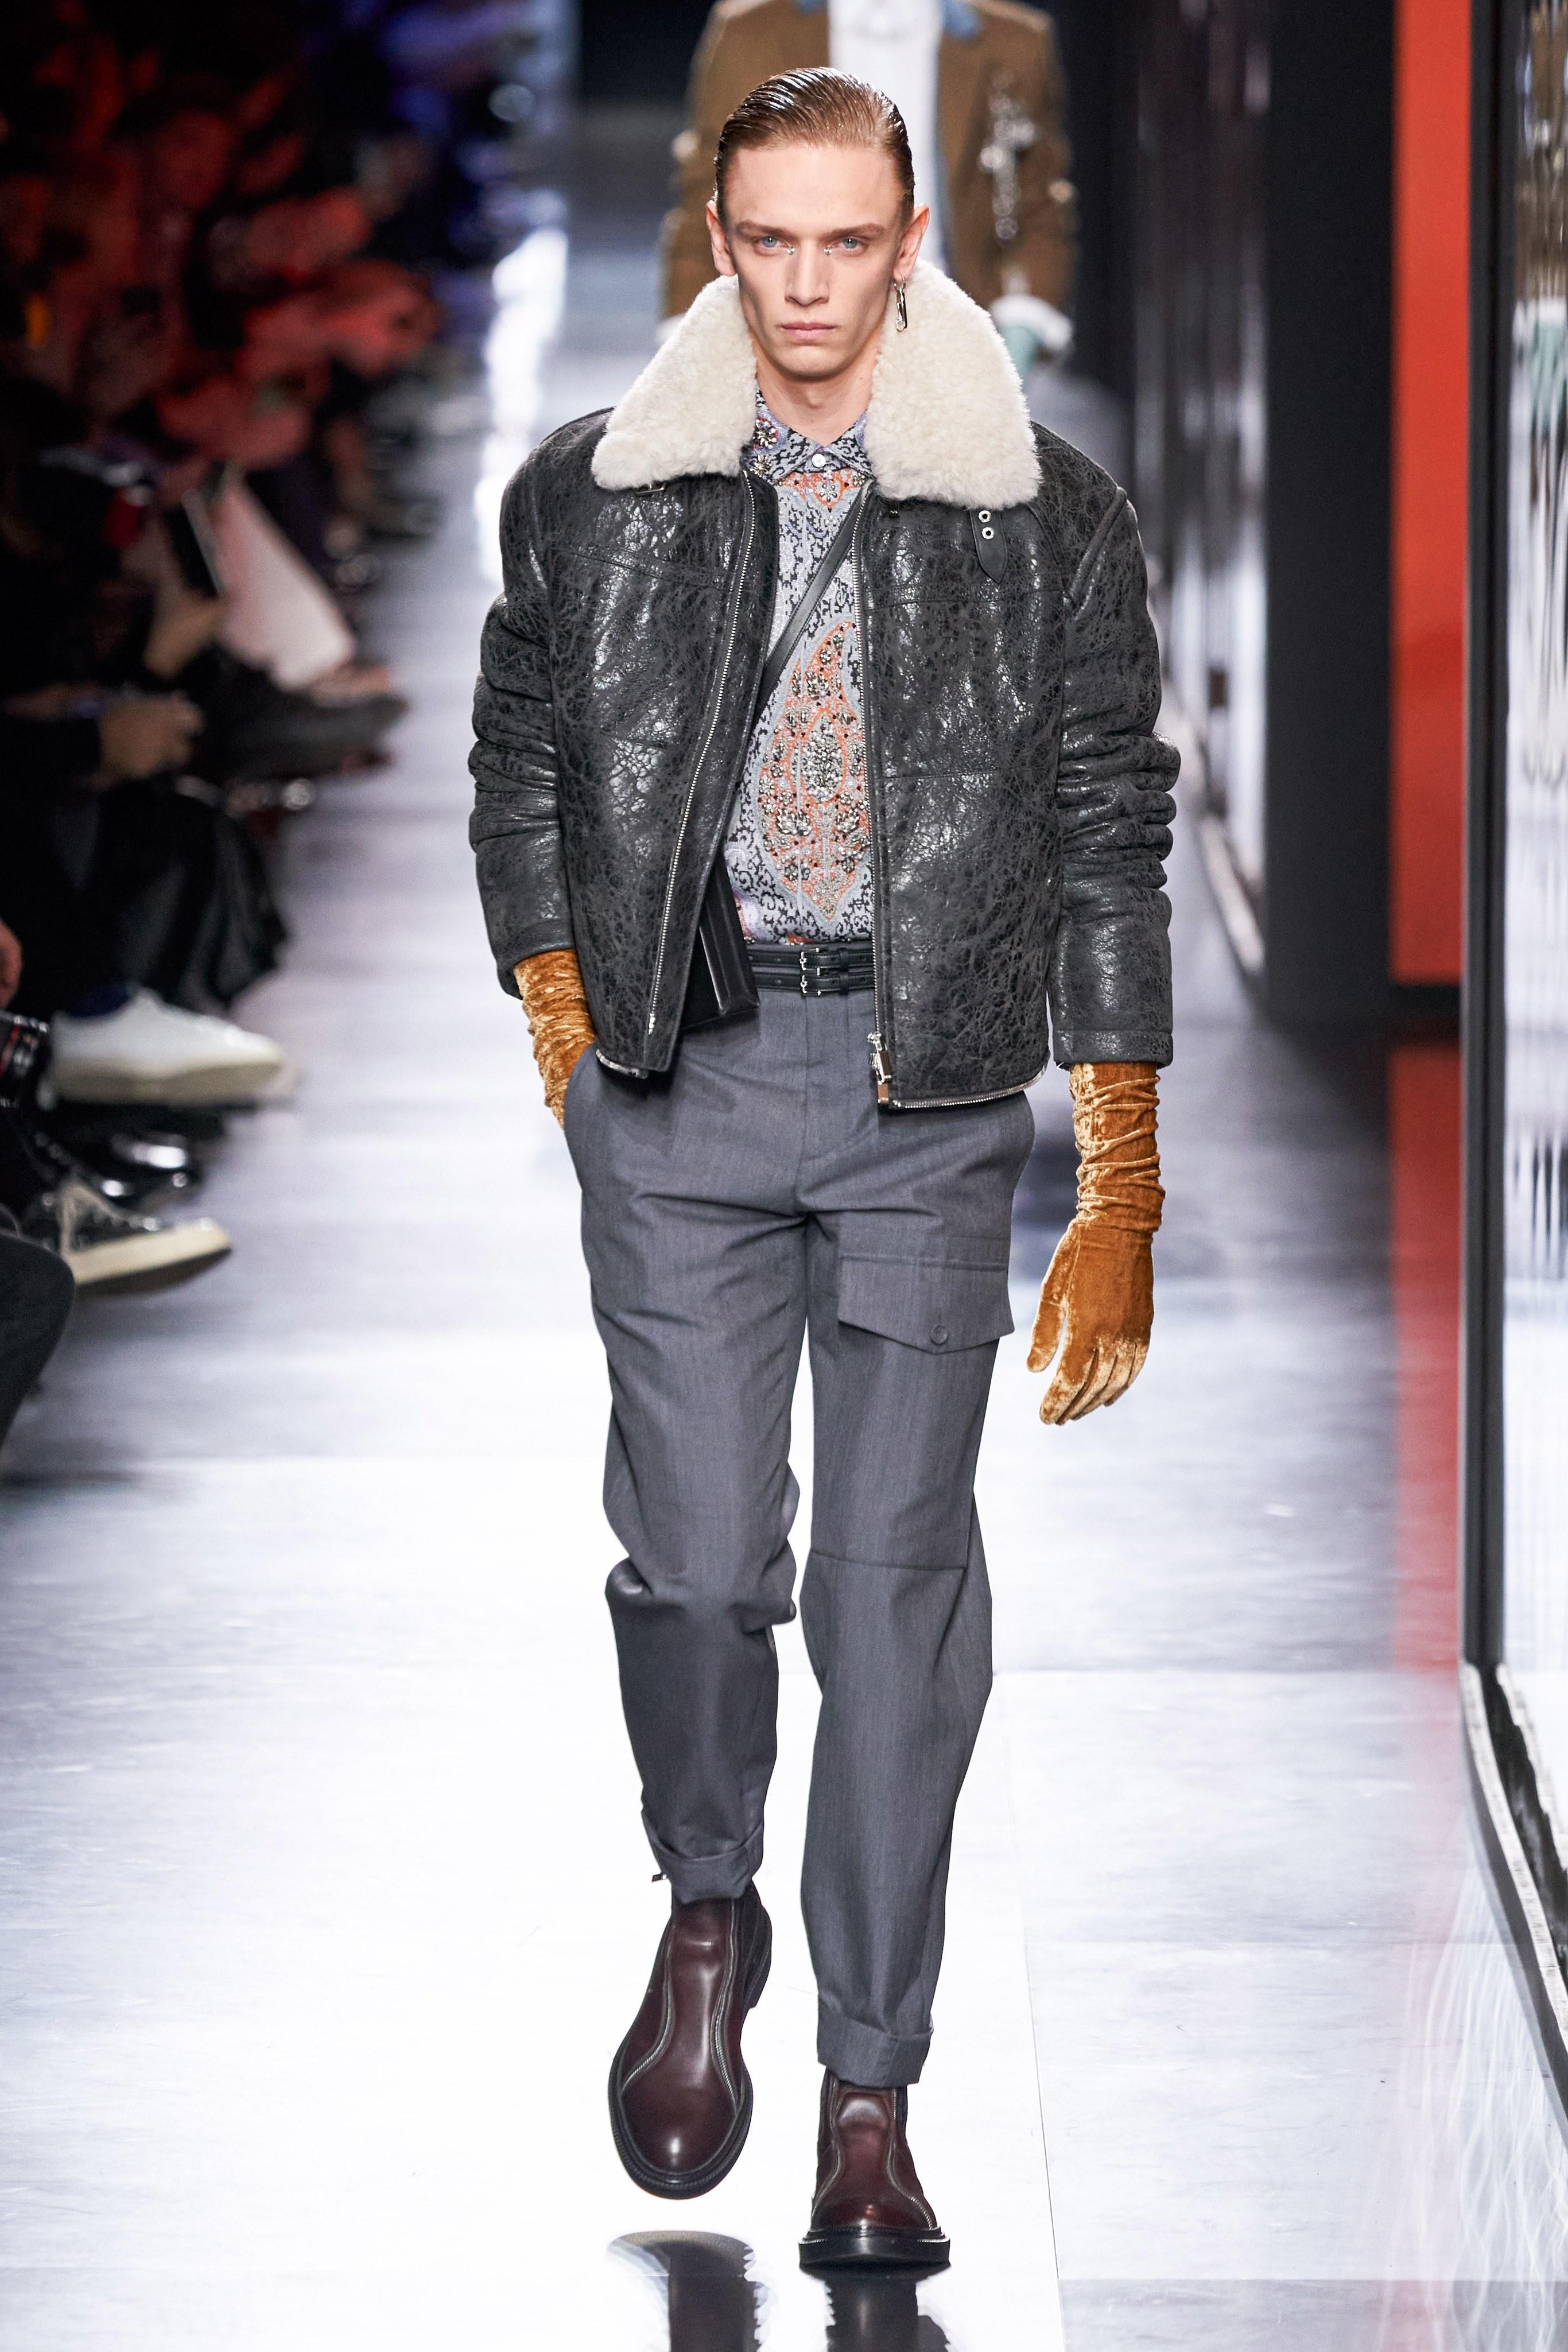 Áo khoác hoa, găng tay dài - Dior nâng thời trang nam lên tầm cao mới Ảnh 10